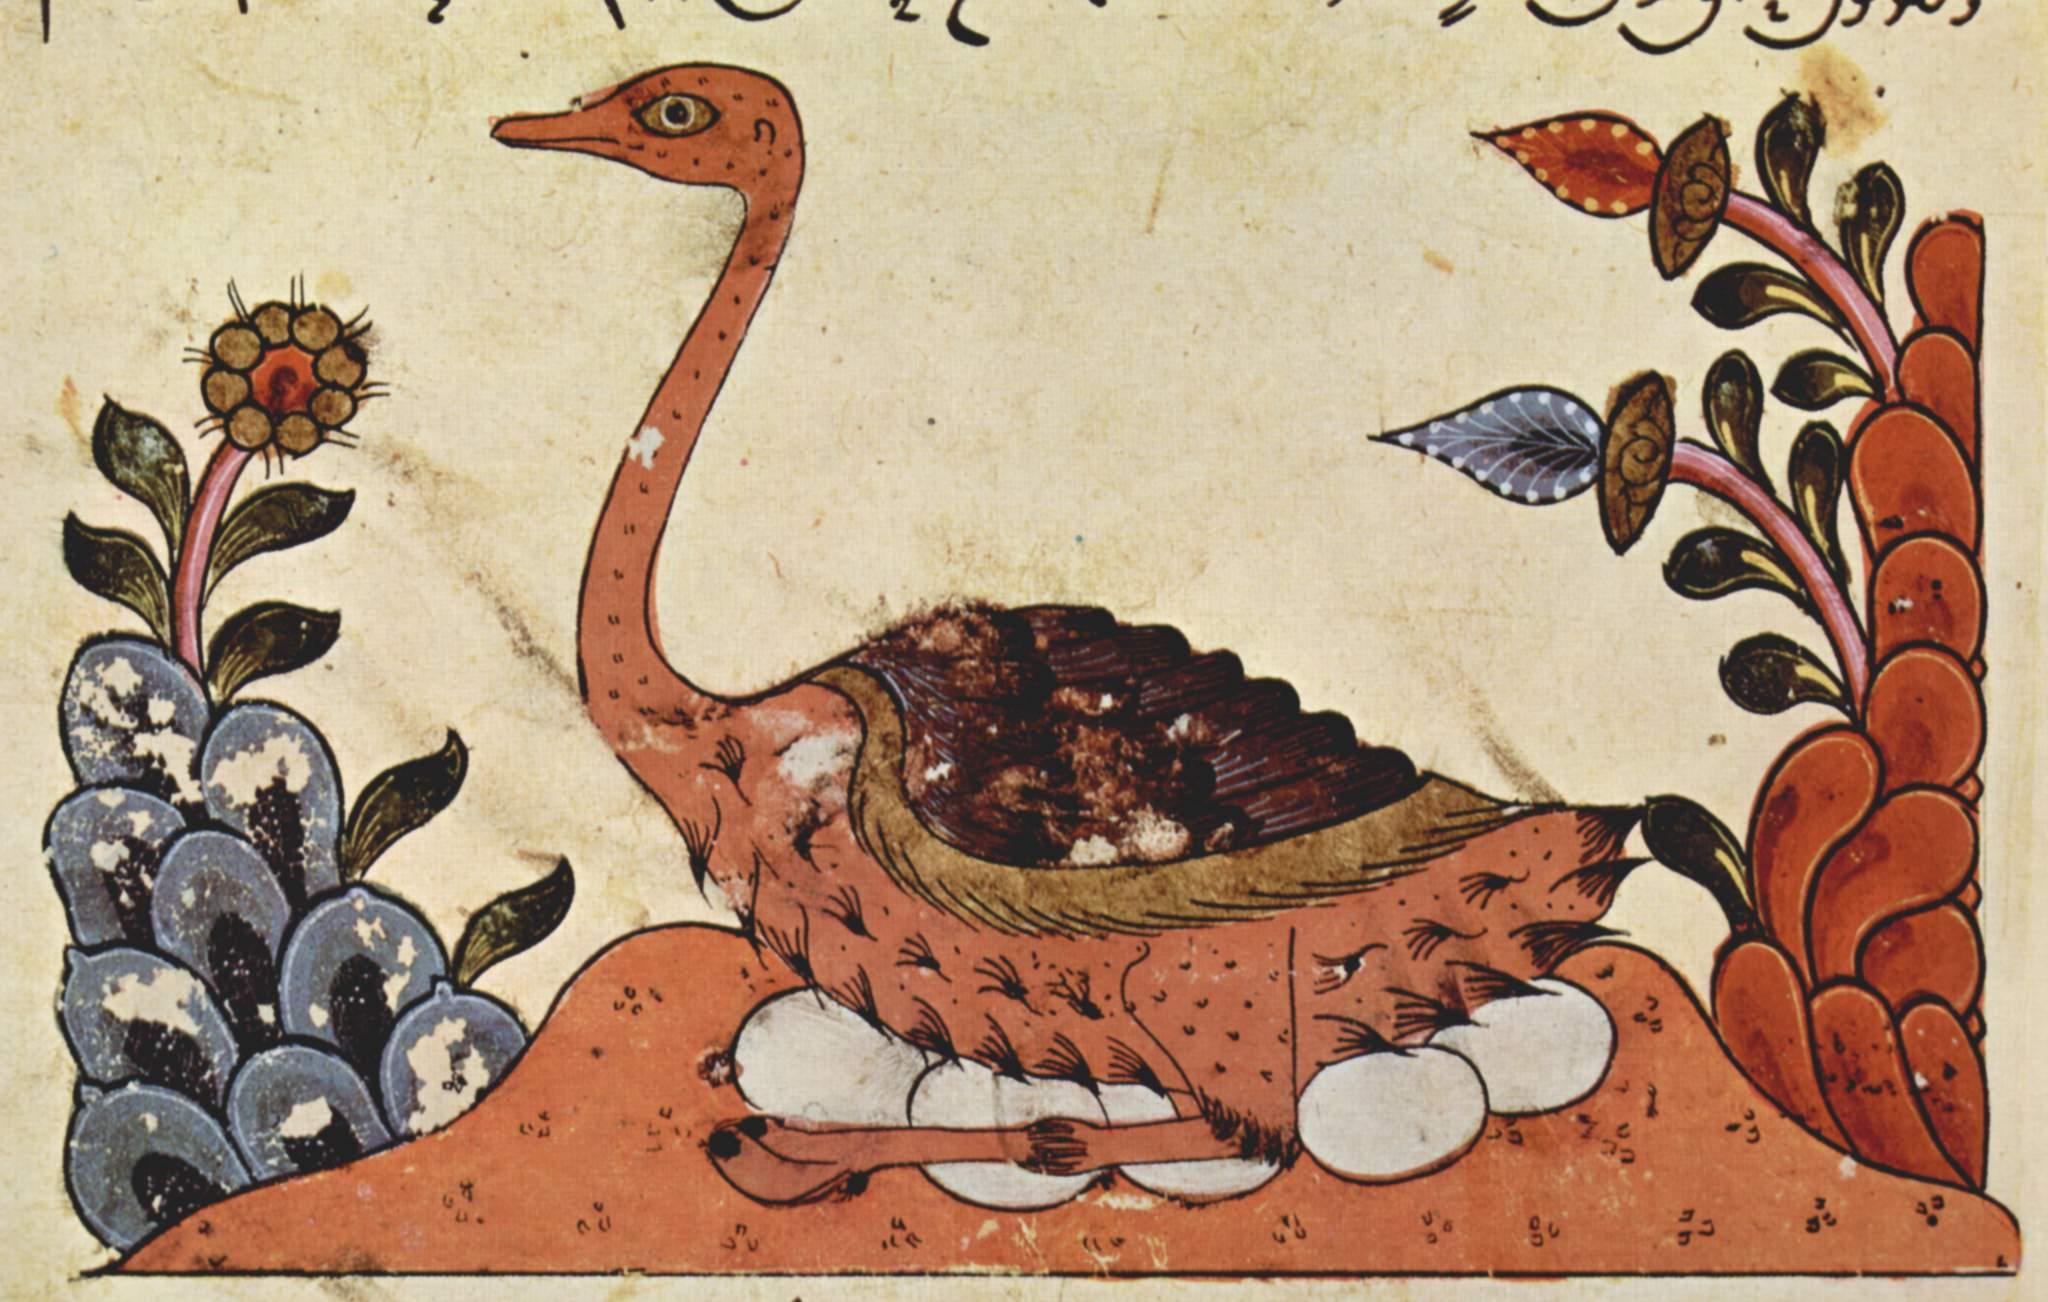 Изображение сирийского страуса из «Книги о животных» Аль-Джахиза. Сирия, XIV век